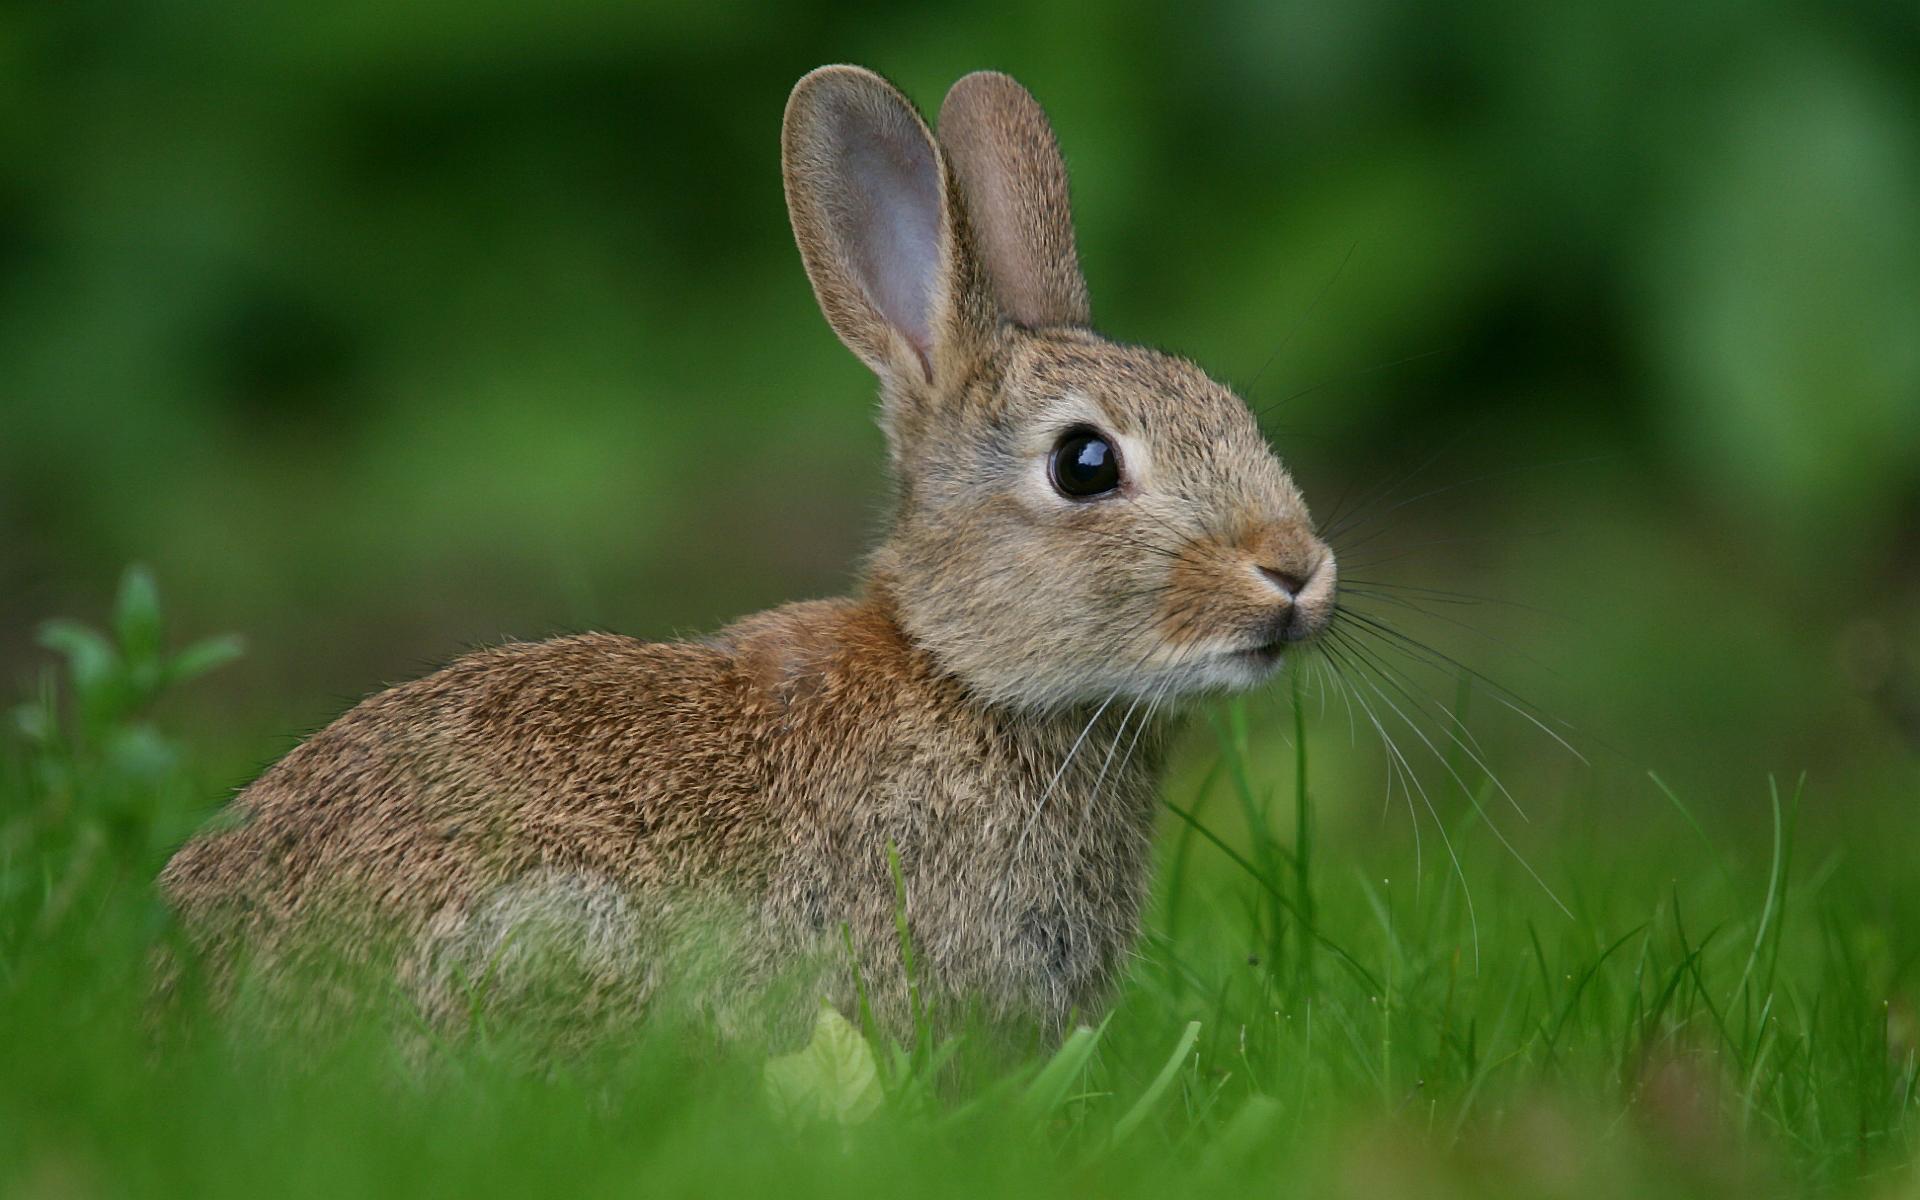 Доклад про зайца на английском языке с переводом 5675